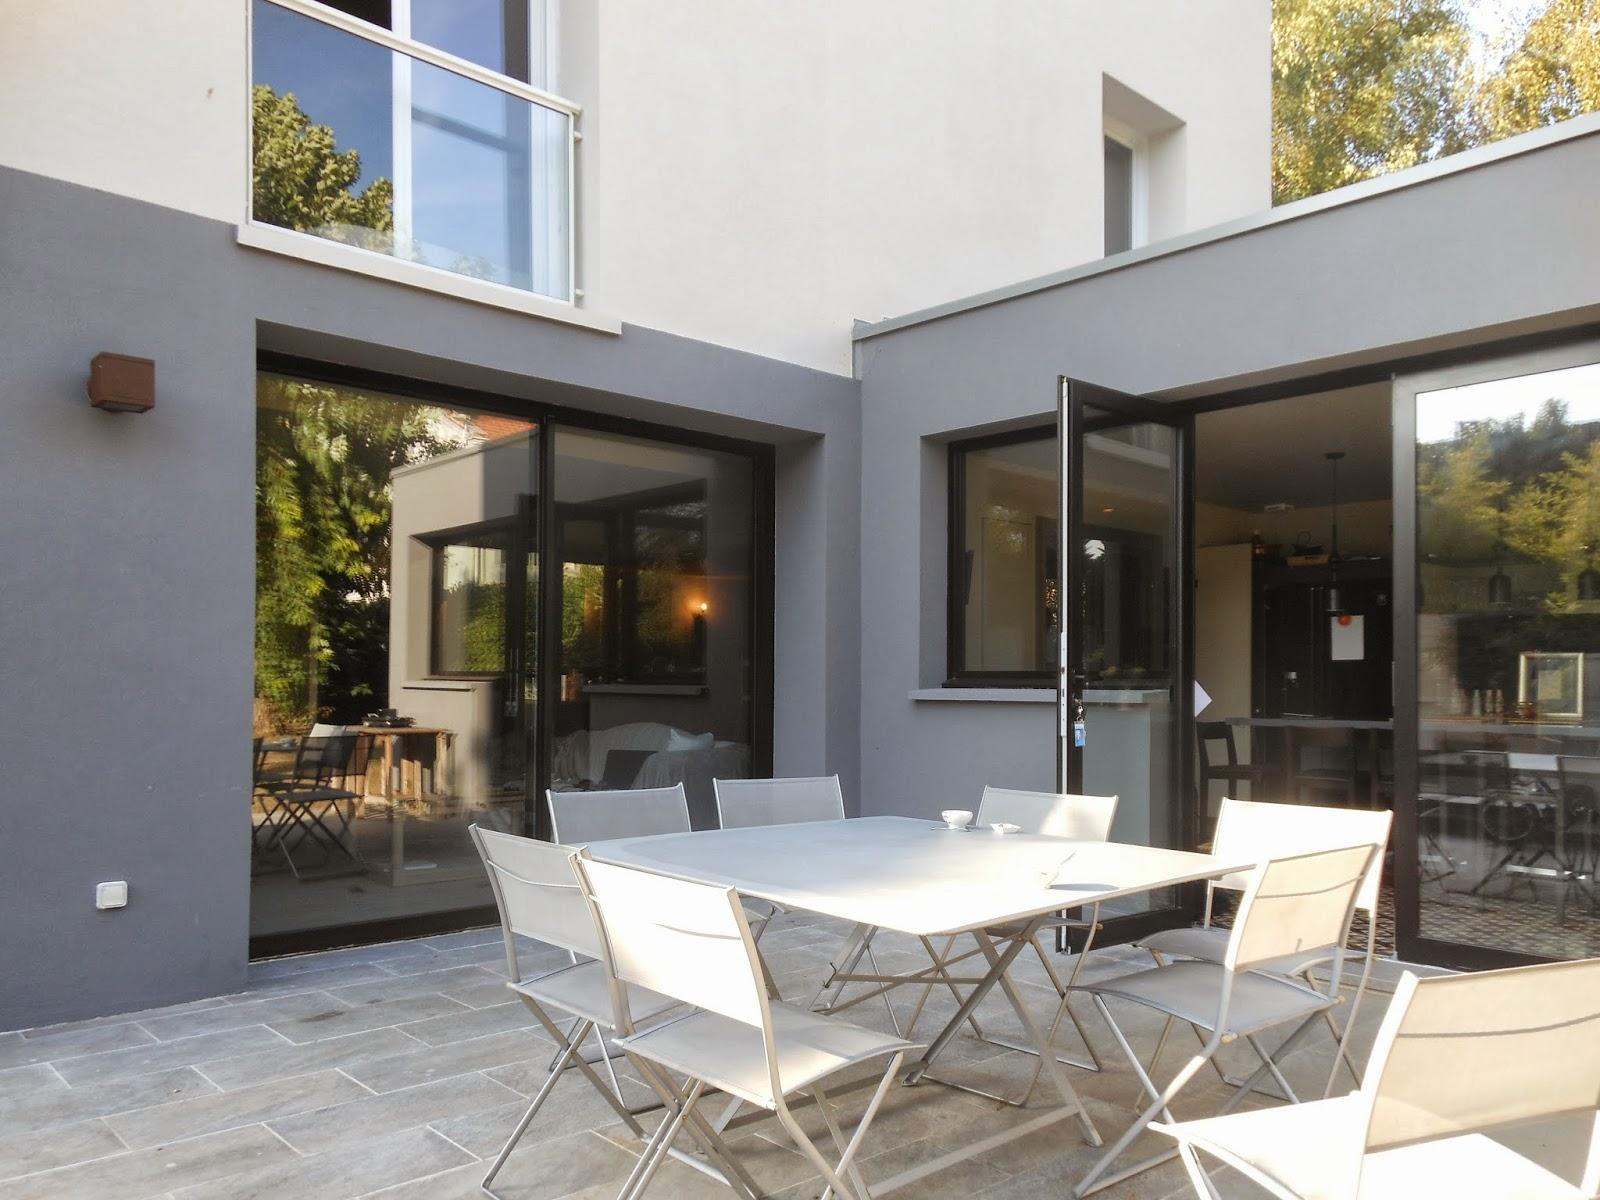 Sophie bannwart architecte d 39 int rieur - Photo architecte d interieur ...